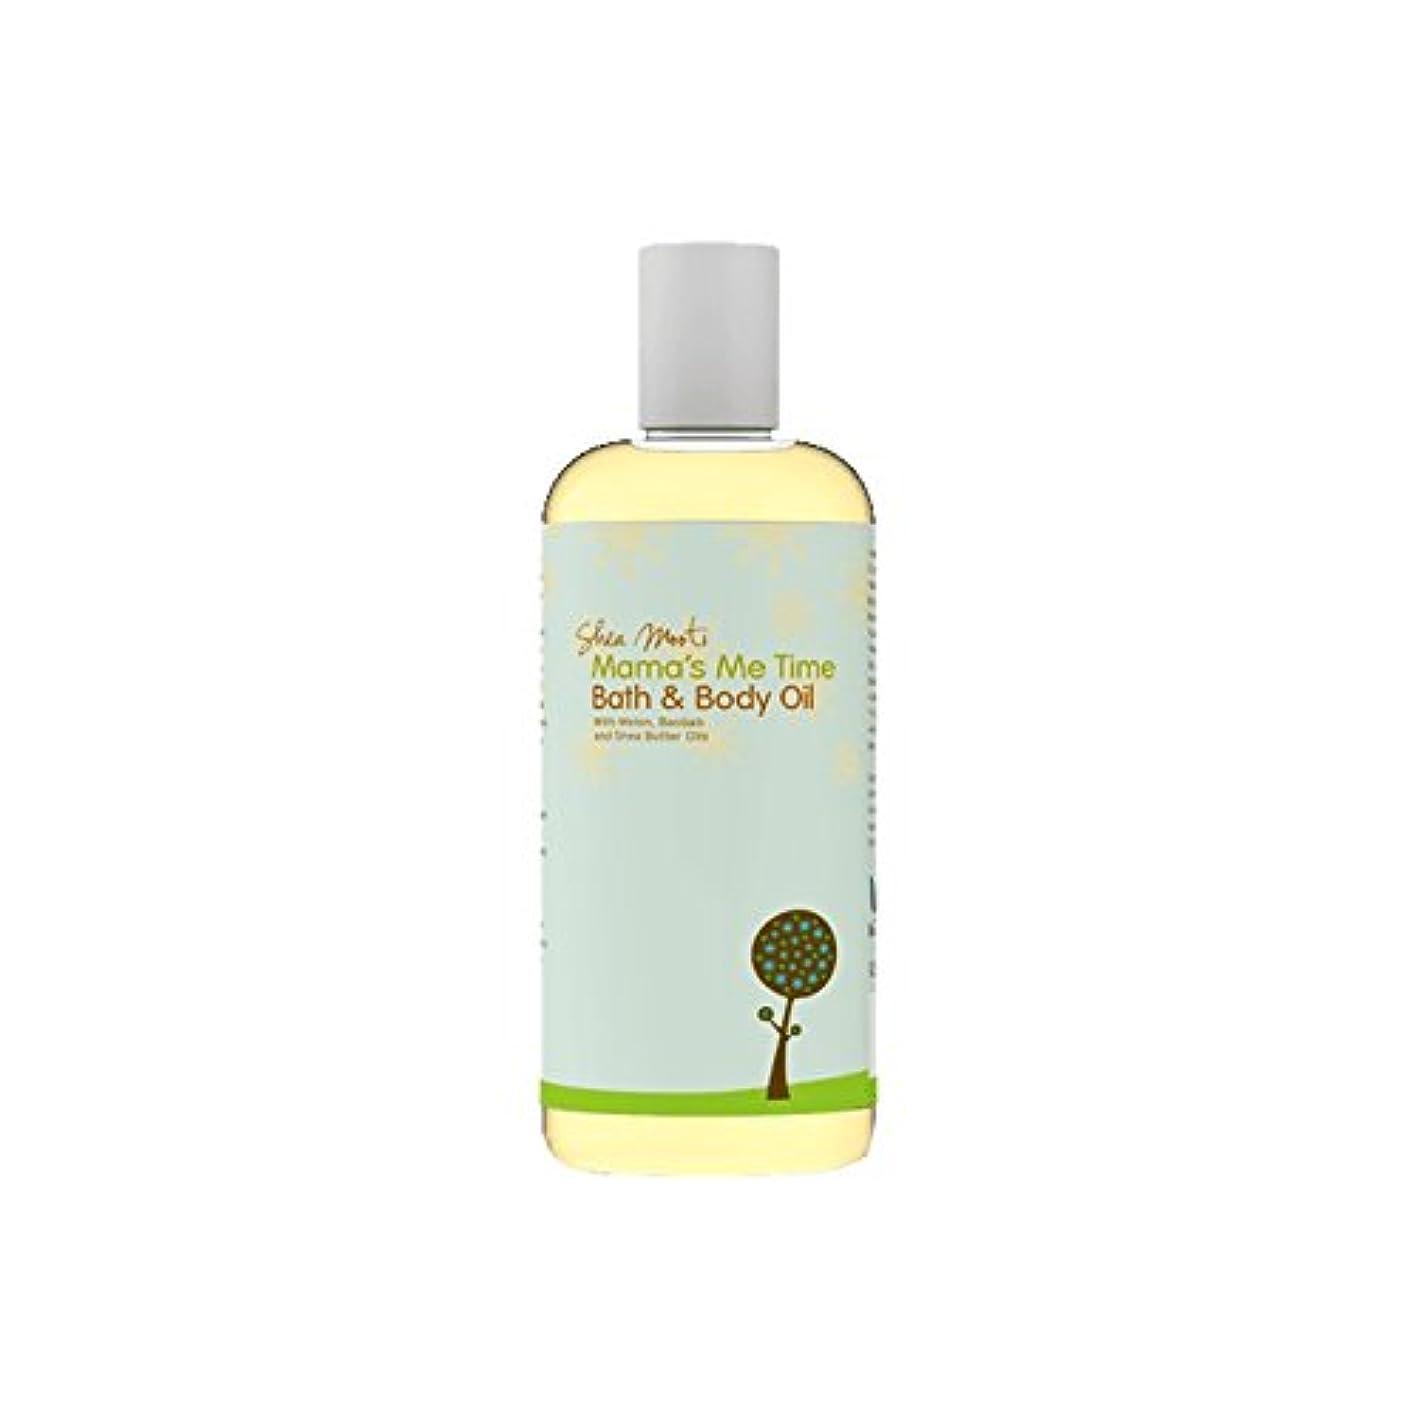 風刺最少ワイヤーShea Mooti Mama's Me Time Bath and Body Oil 110g (Pack of 6) - シアバターMootiママの私の時間のバス、ボディオイル110グラム (x6) [並行輸入品]